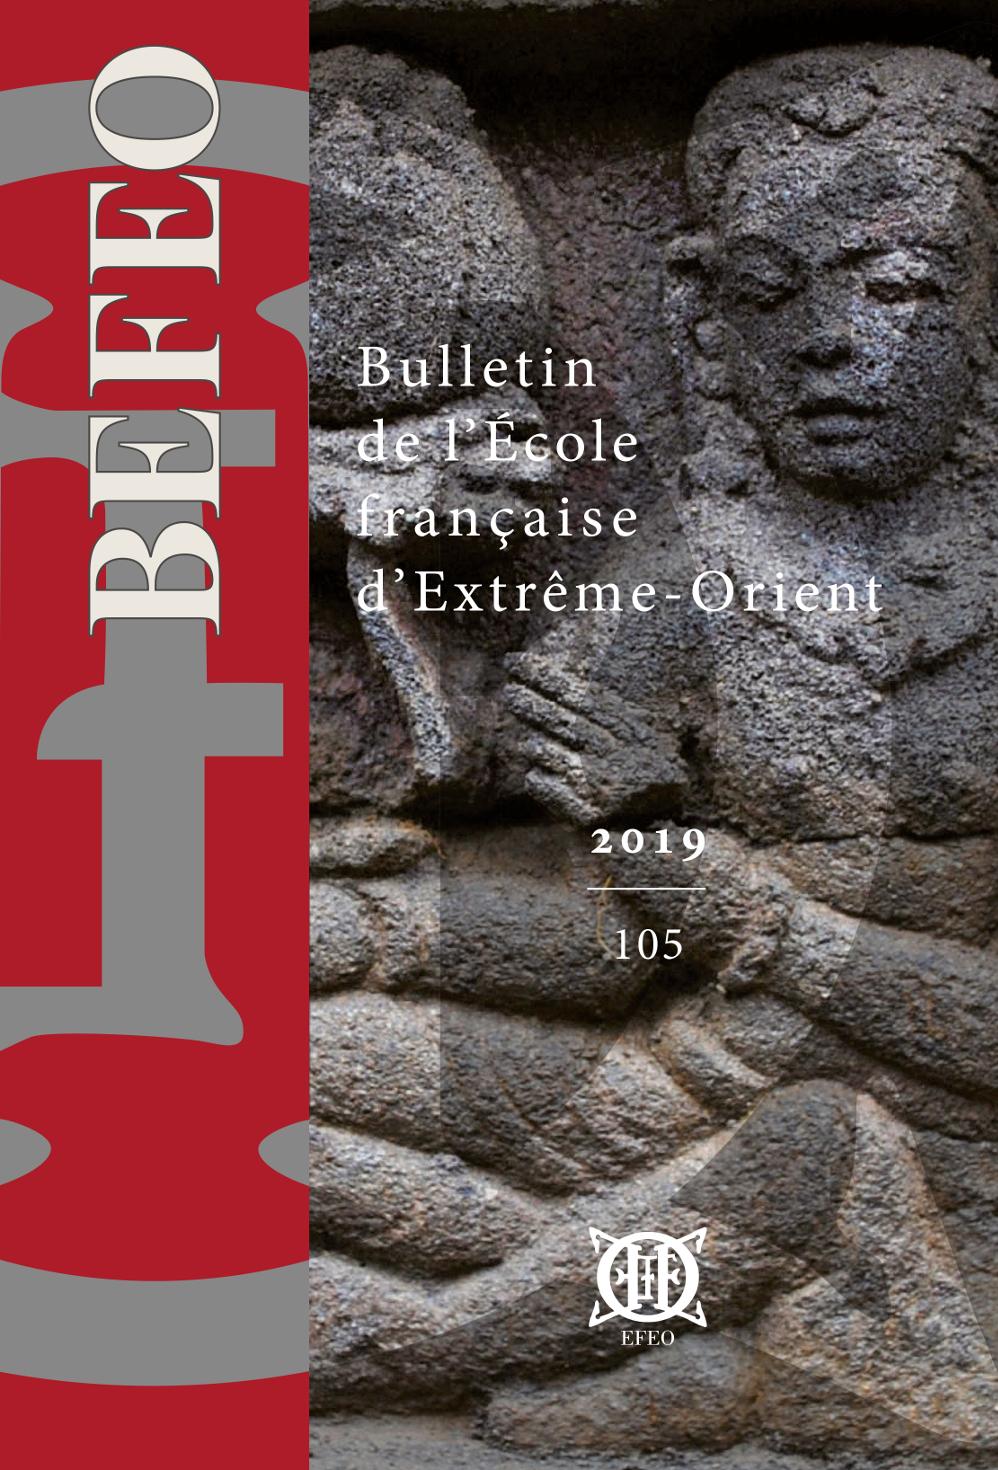 Bulletin de l'École française d'Extrême-Orient 105 (2019)